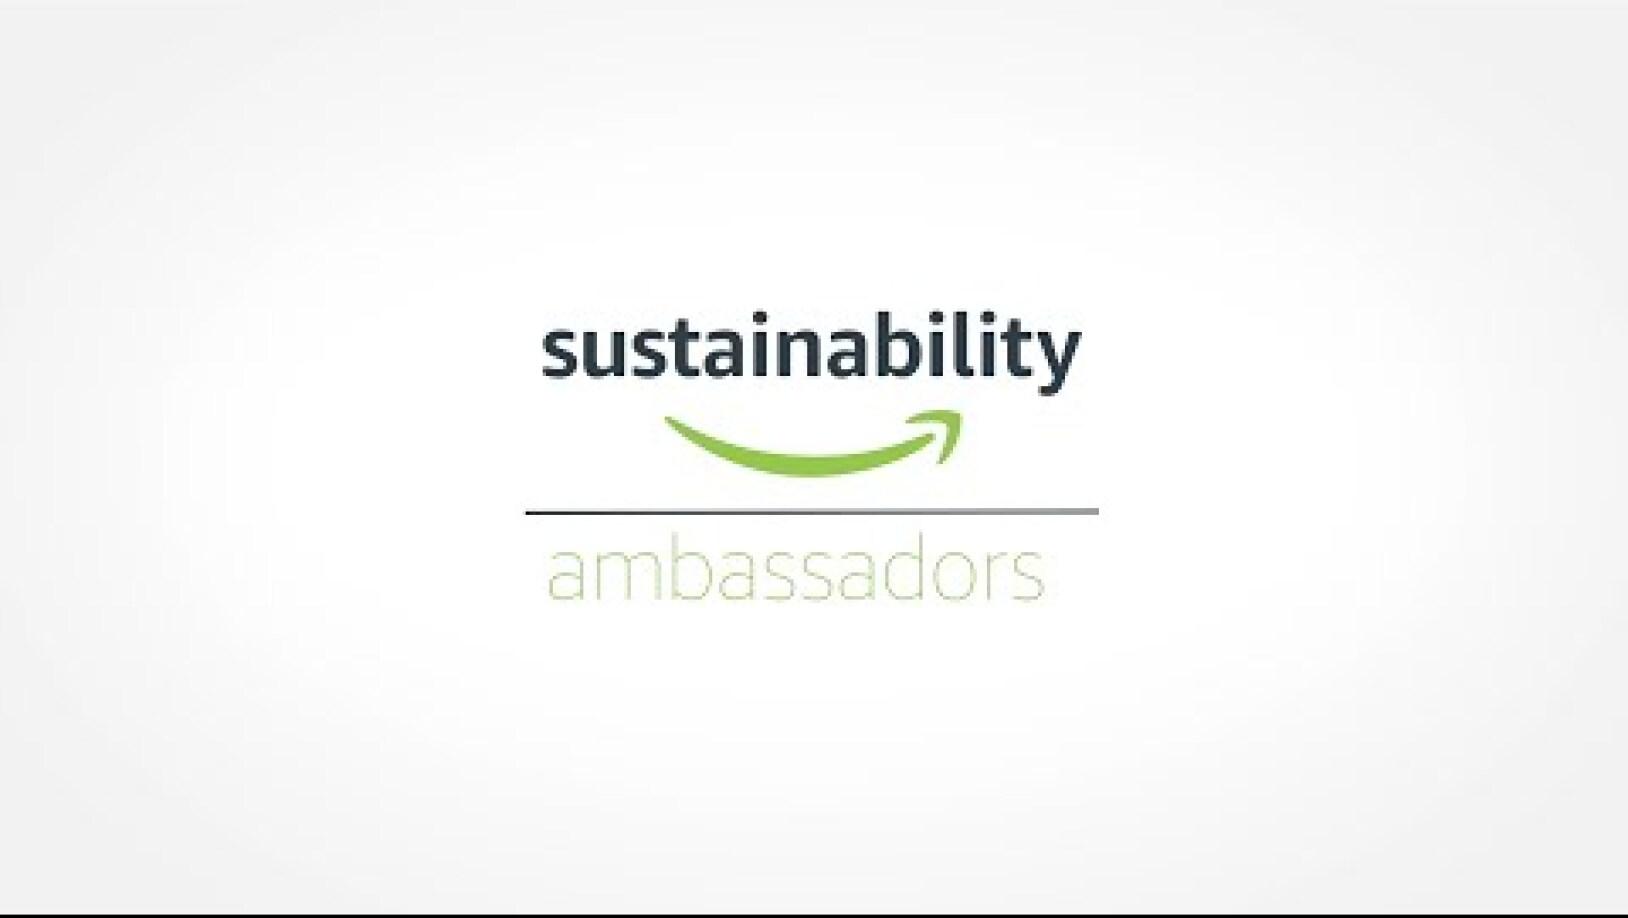 Sustainability Ambassadors